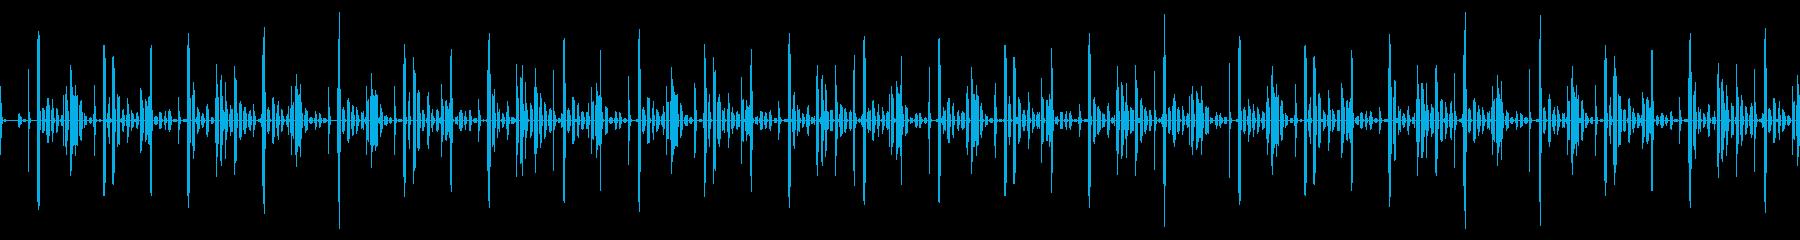 エイリアンの会話の様なリズムループの再生済みの波形